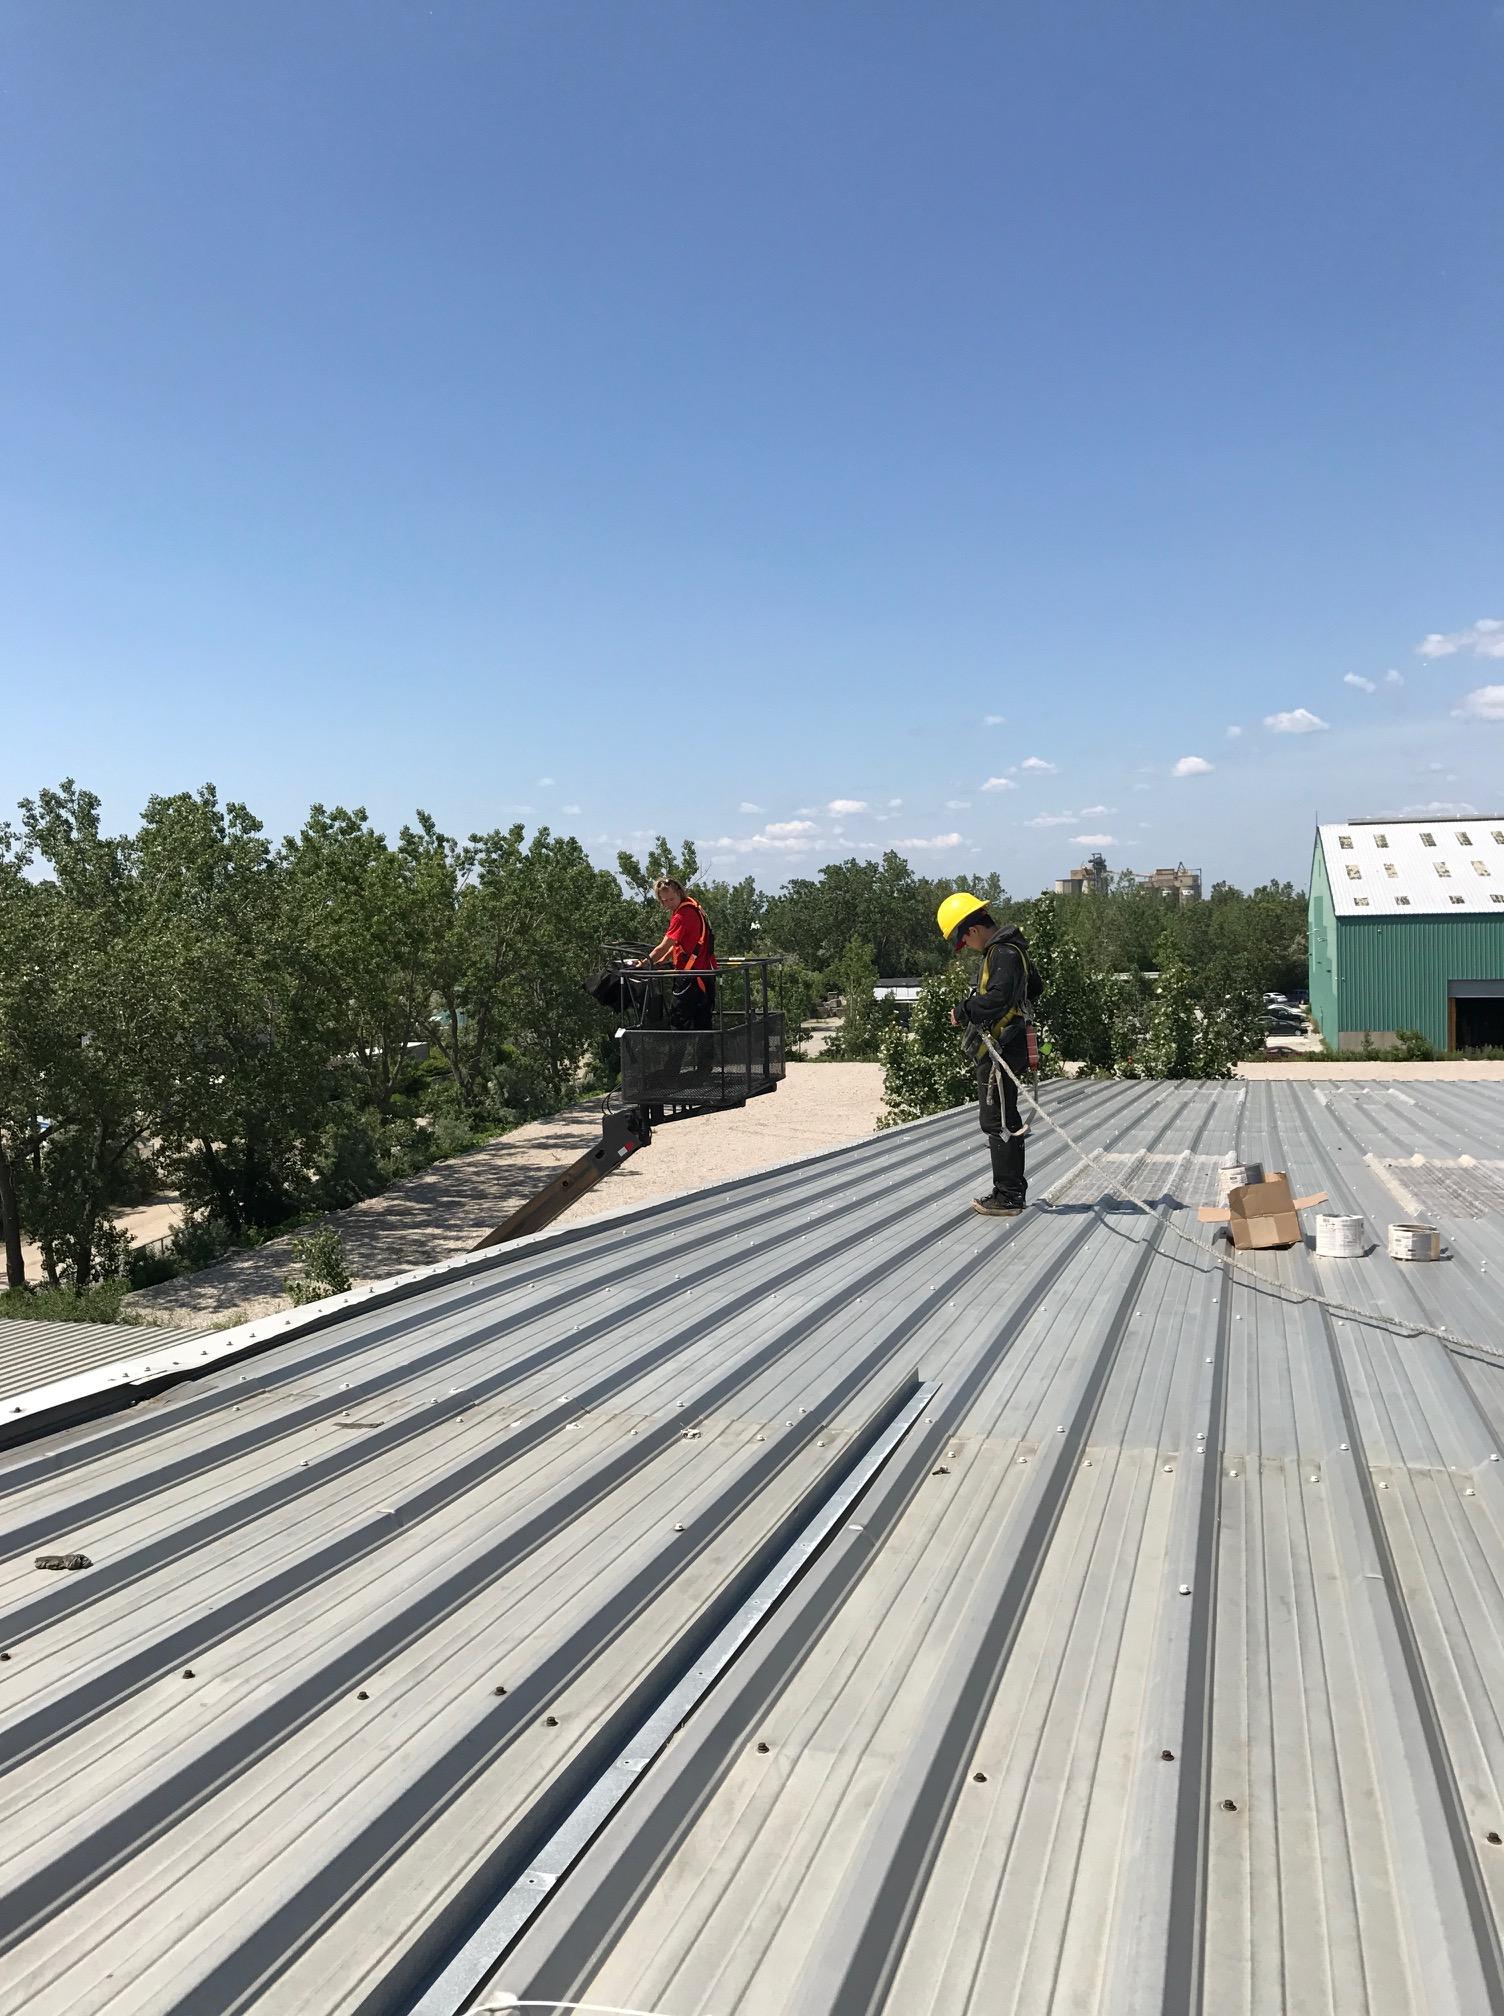 Repairs to metal roof on film set of Star Trek series